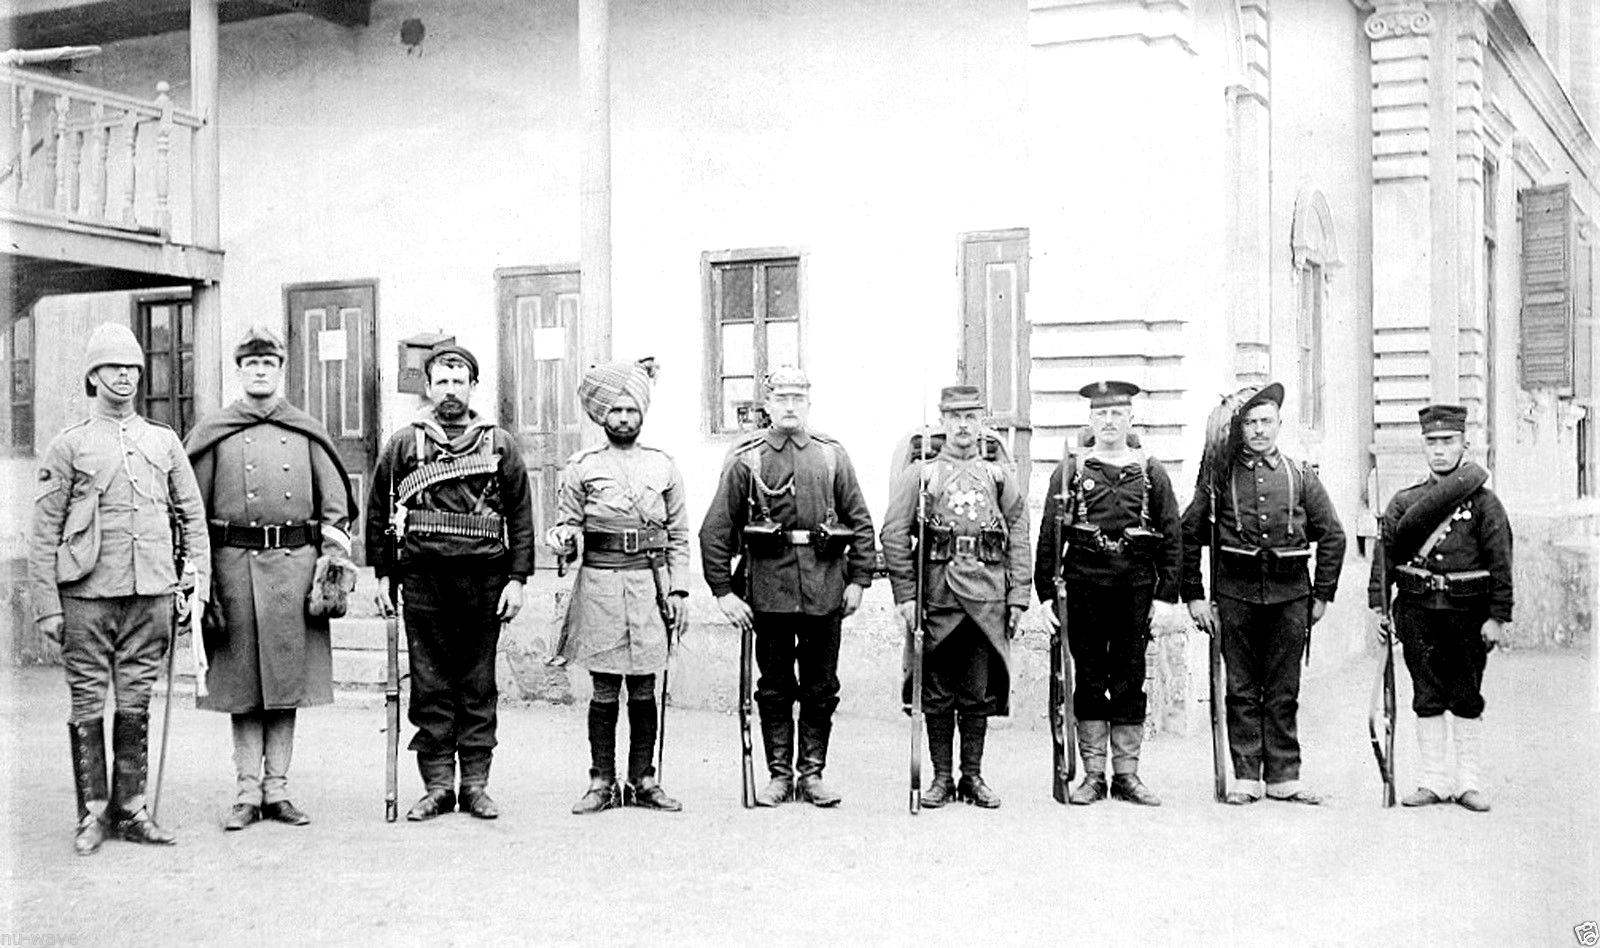 A Nyolc Nemzet Szövetsége. Balról jobbra haladva: Egyesült Királyság, Egyesült Államok, Oroszország, Brit-India, Németország, Franciaország, Osztrák-Magyar Monarchia, Olaszország, Japán (Forrás: ns06.com)